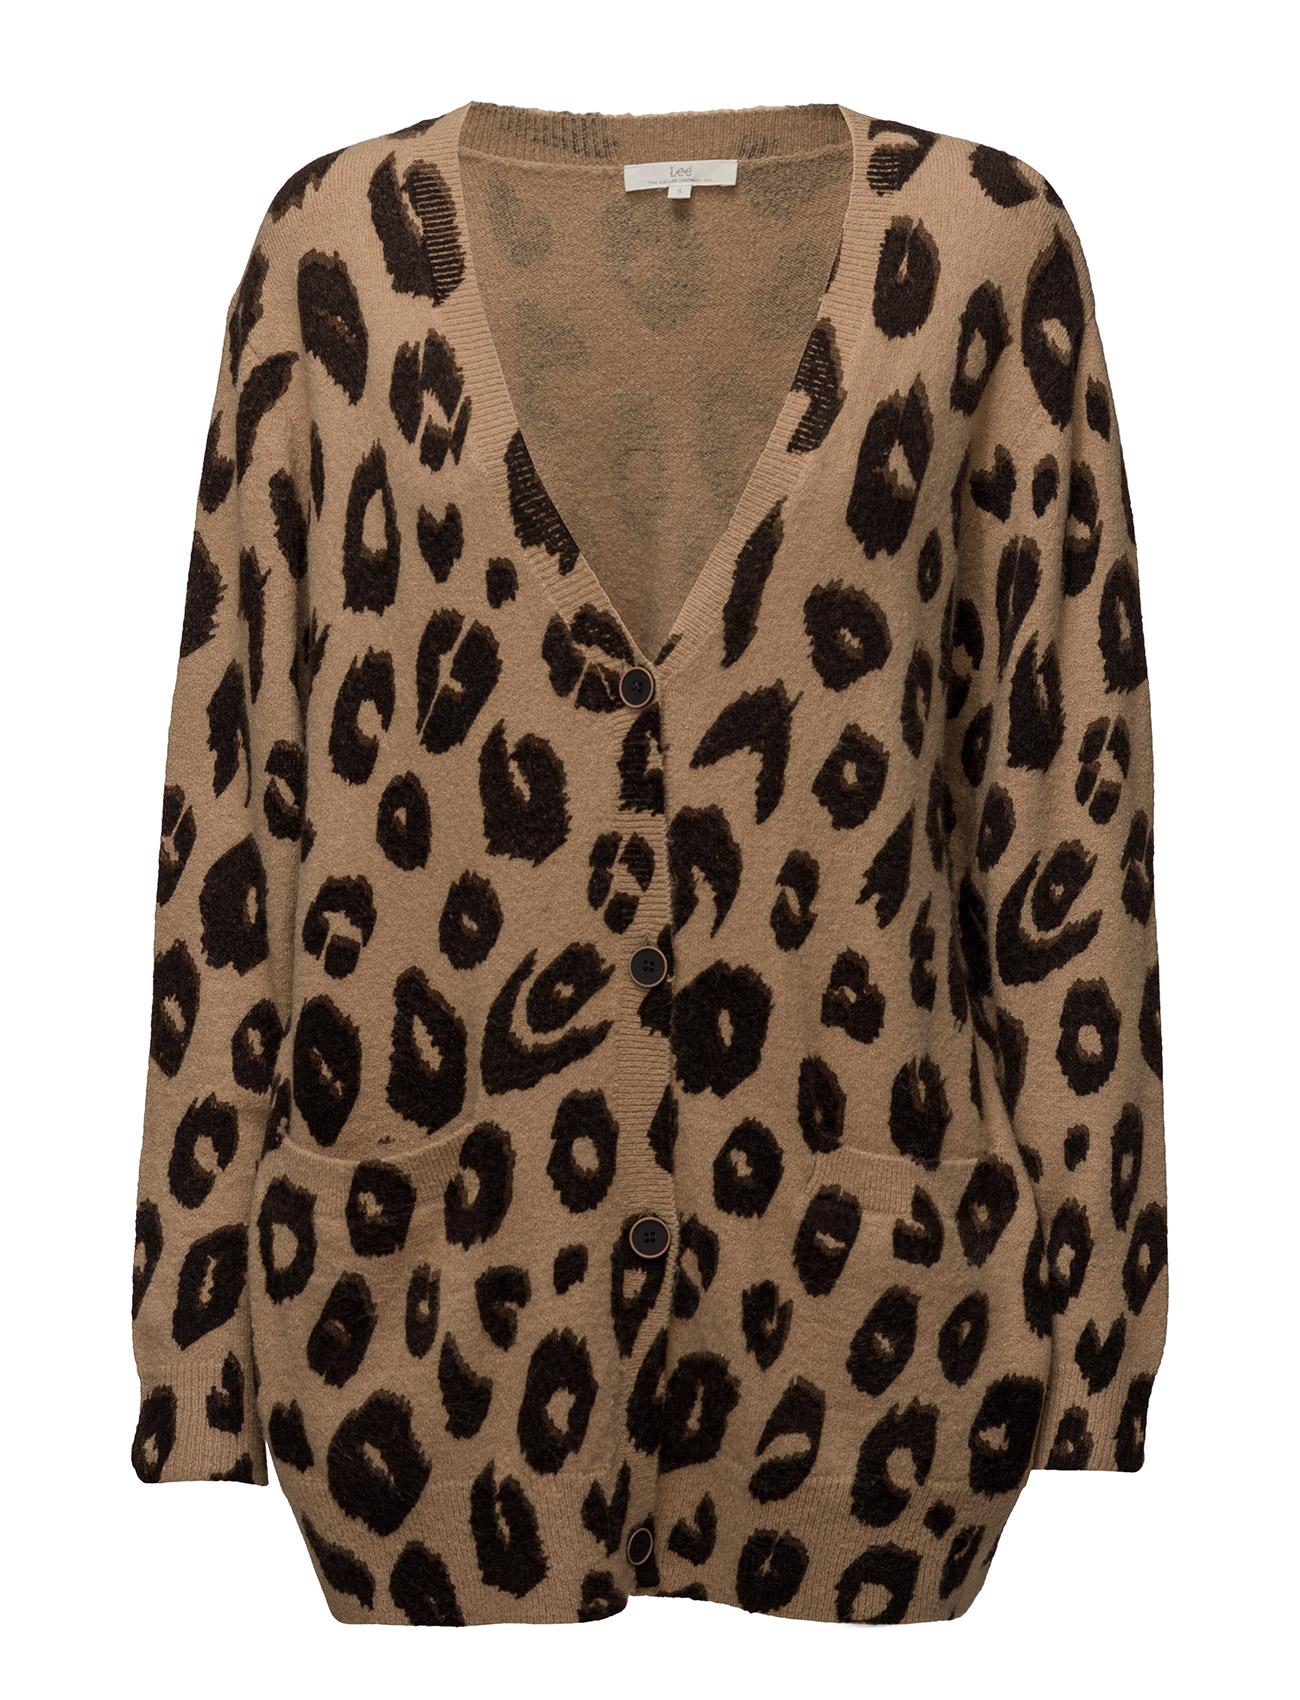 Leopard Print Cardigan (Beige) (£95) - Lee Jeans | Boozt.com